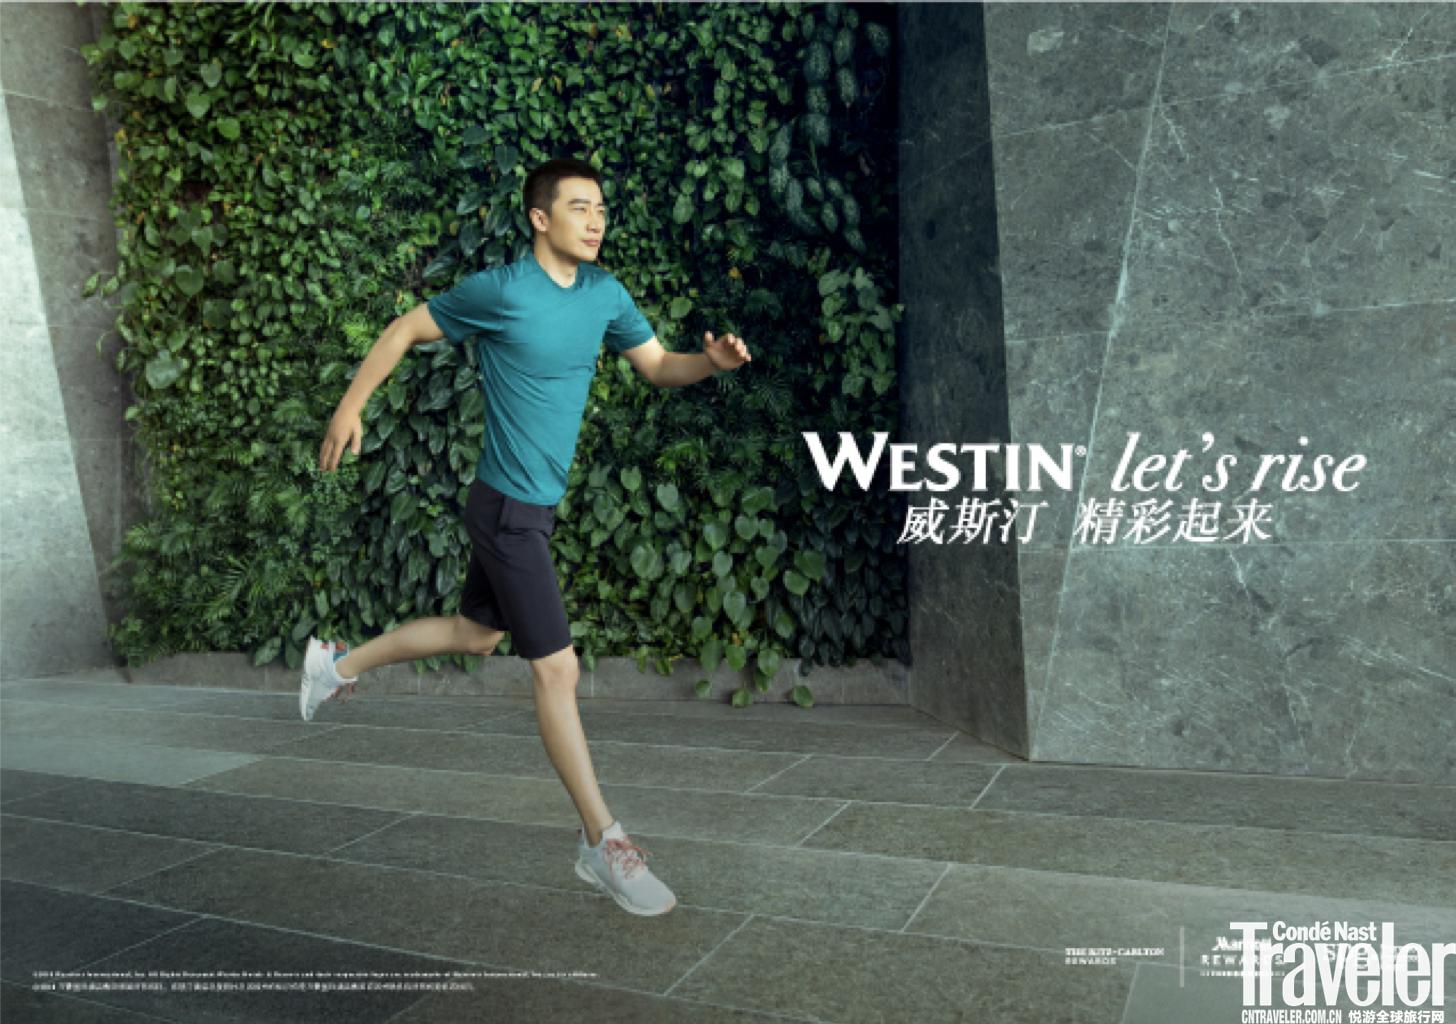 威斯汀酒店及度假村宣布黄轩成为大中华区品牌健康生活大使